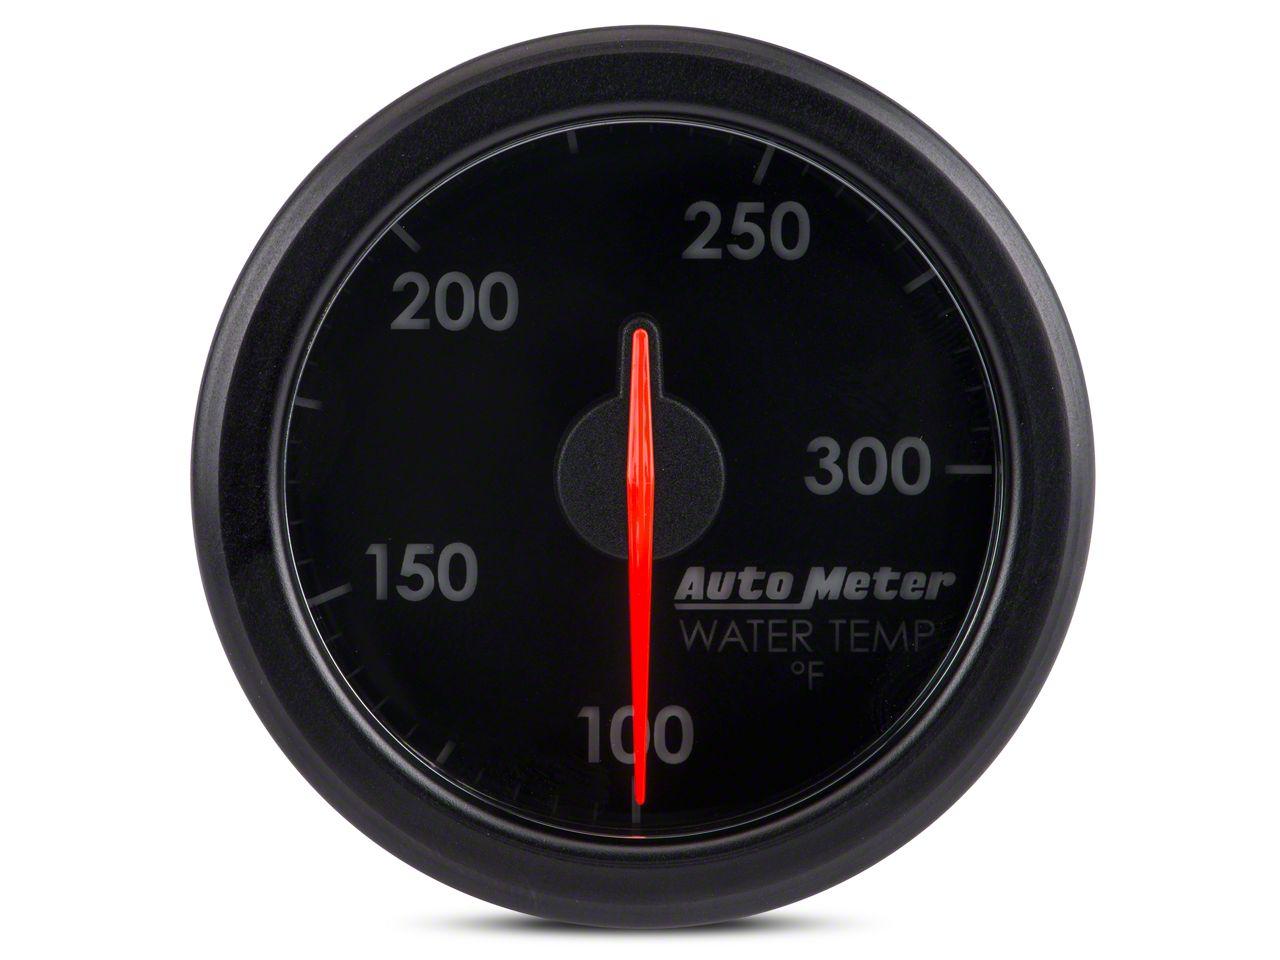 Auto Meter AirDrive Water Temperature Gauge (99-18 Silverado 1500)